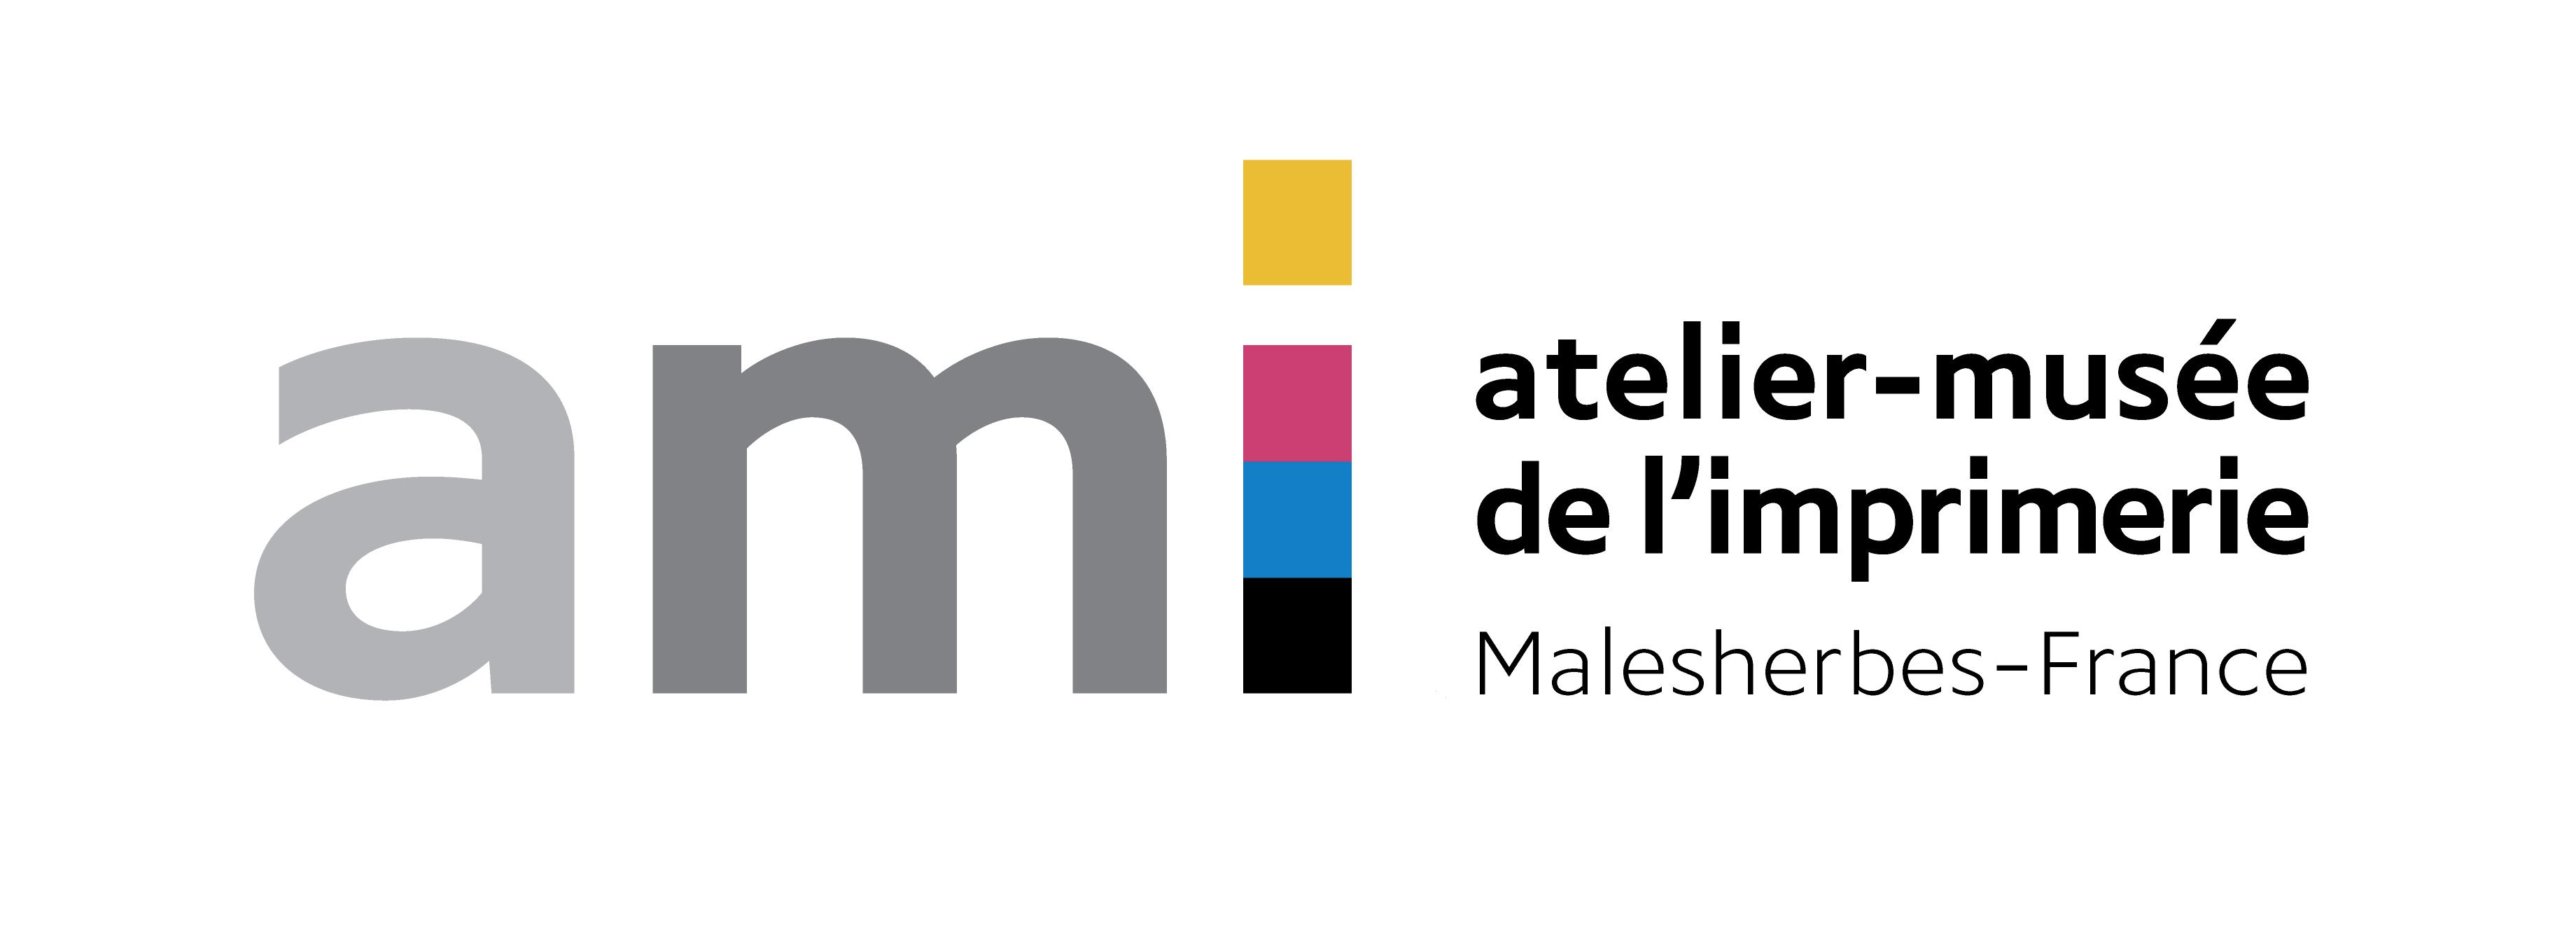 logo 1 - AMI - Atelier Musée de l'Imprimerie - Malesherbes France